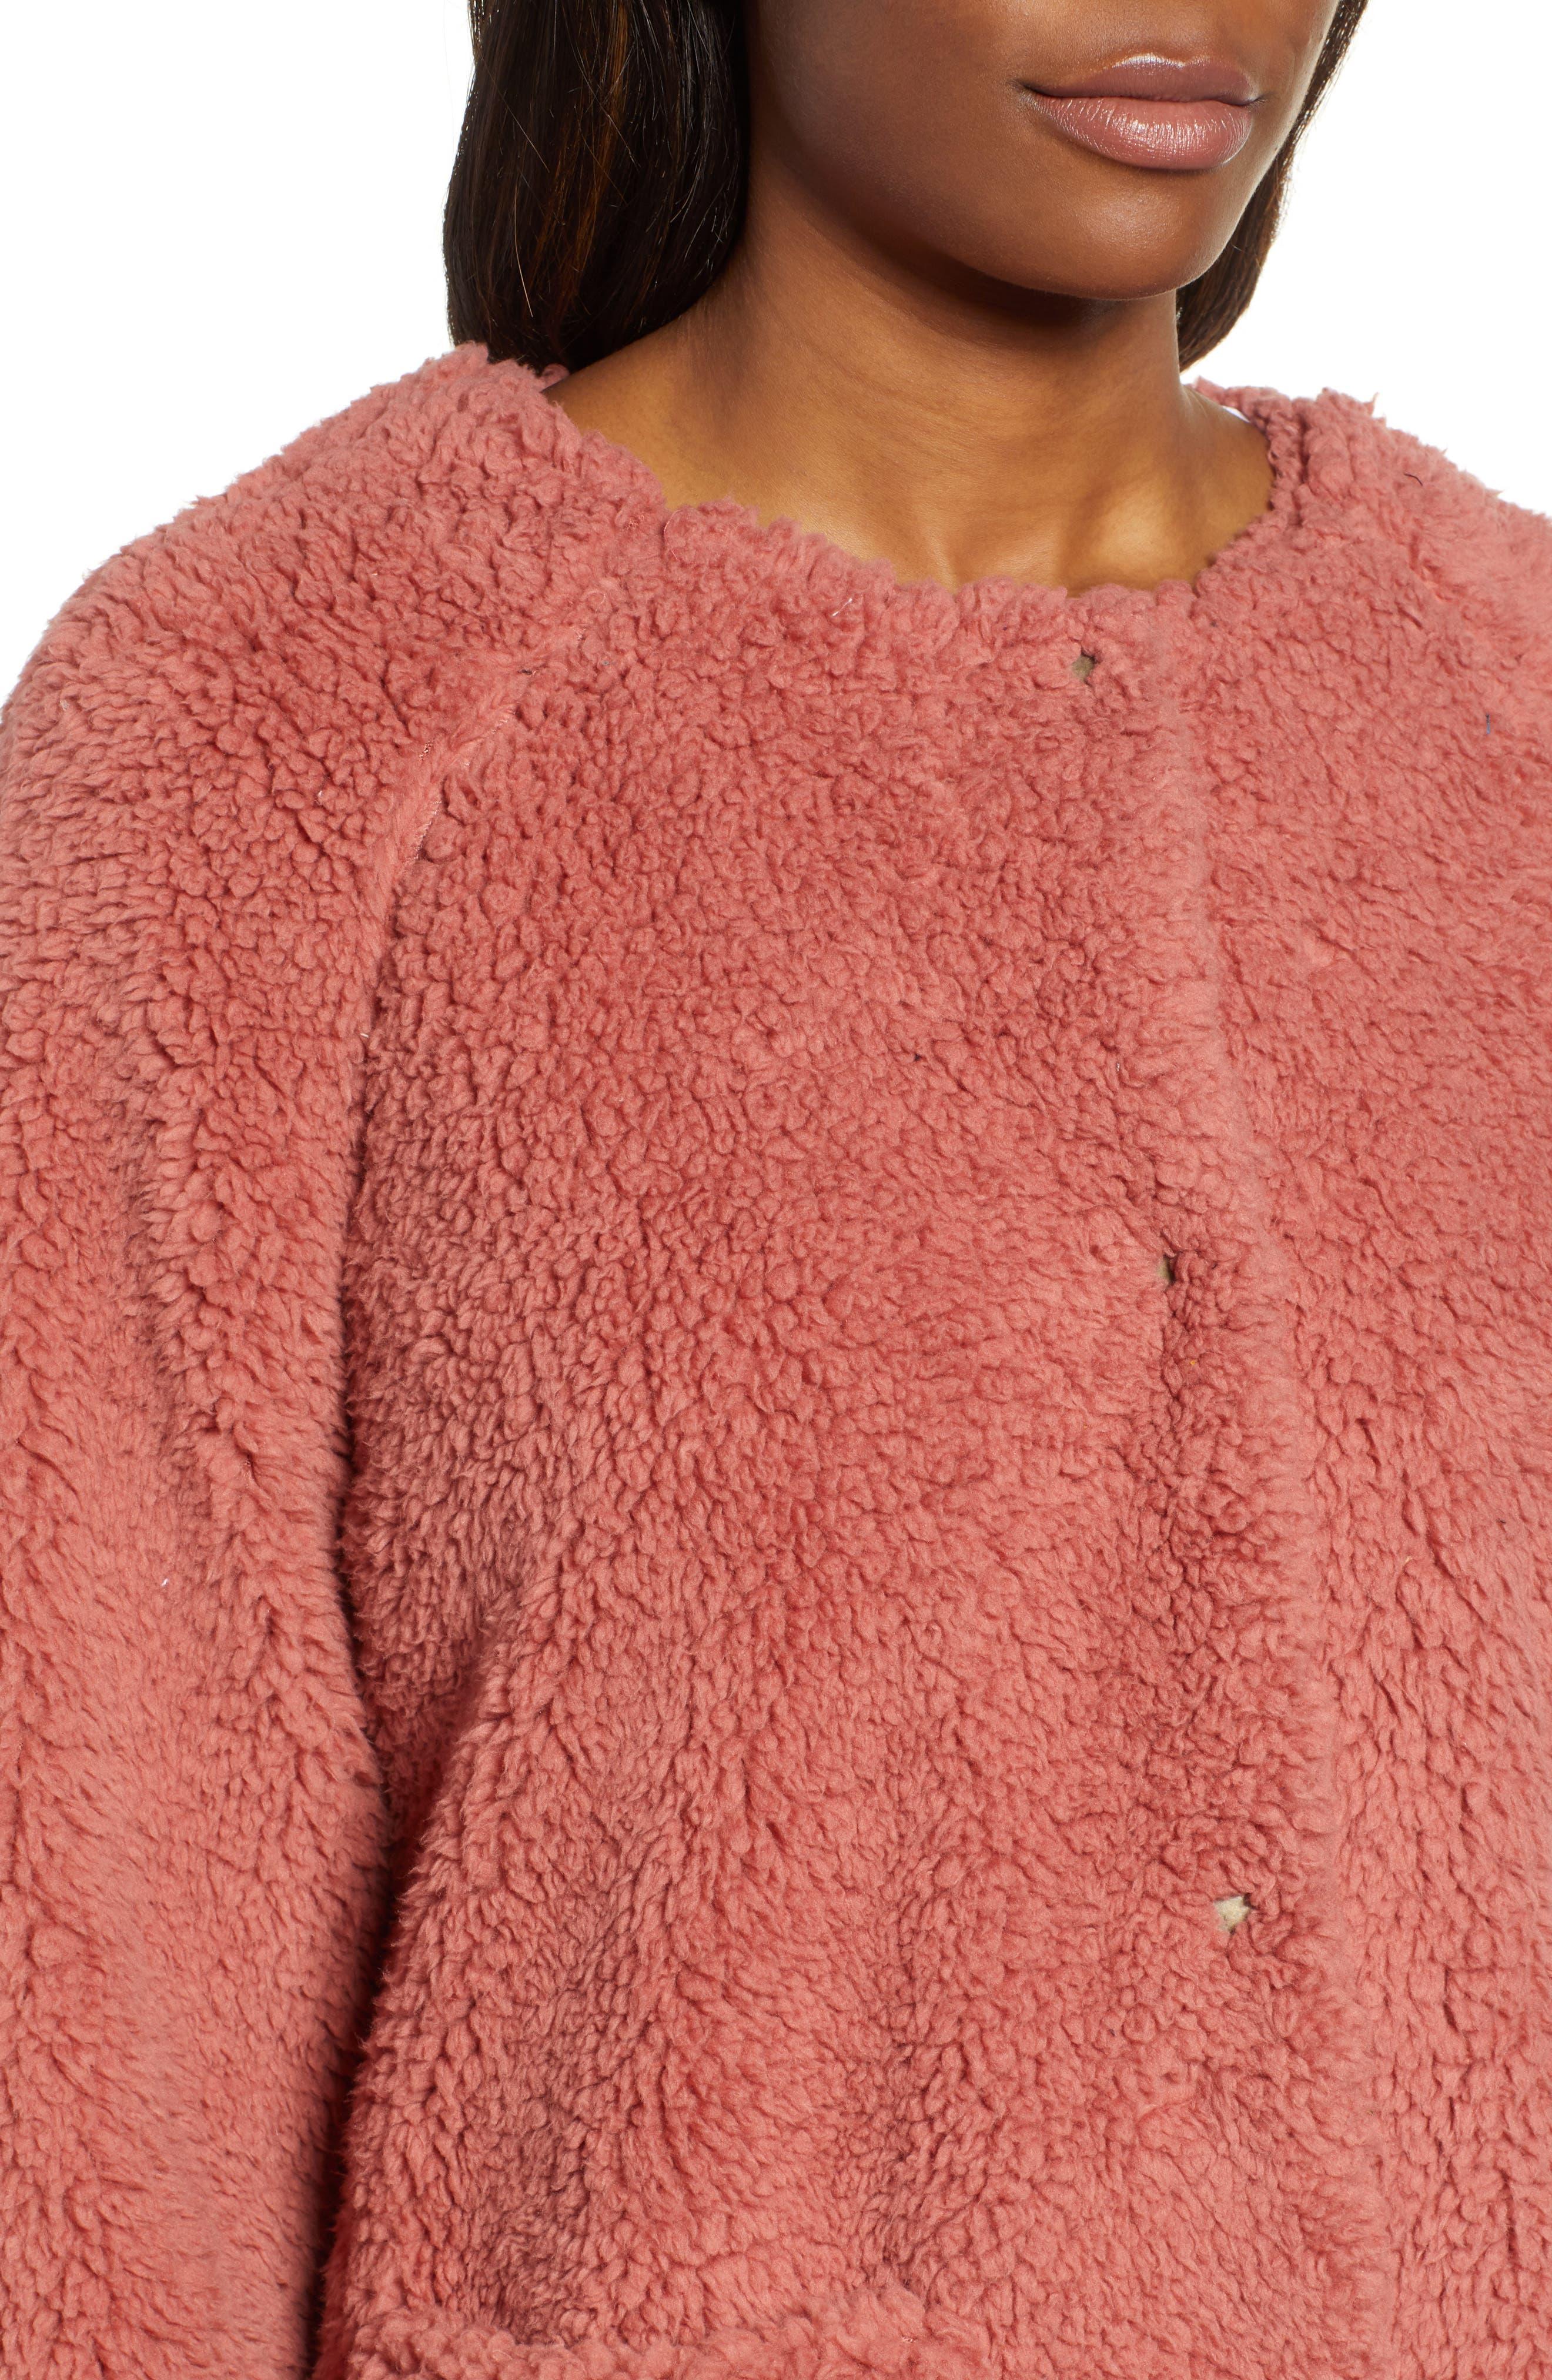 Fuzzy Fleece Jacket,                             Alternate thumbnail 4, color,                             650